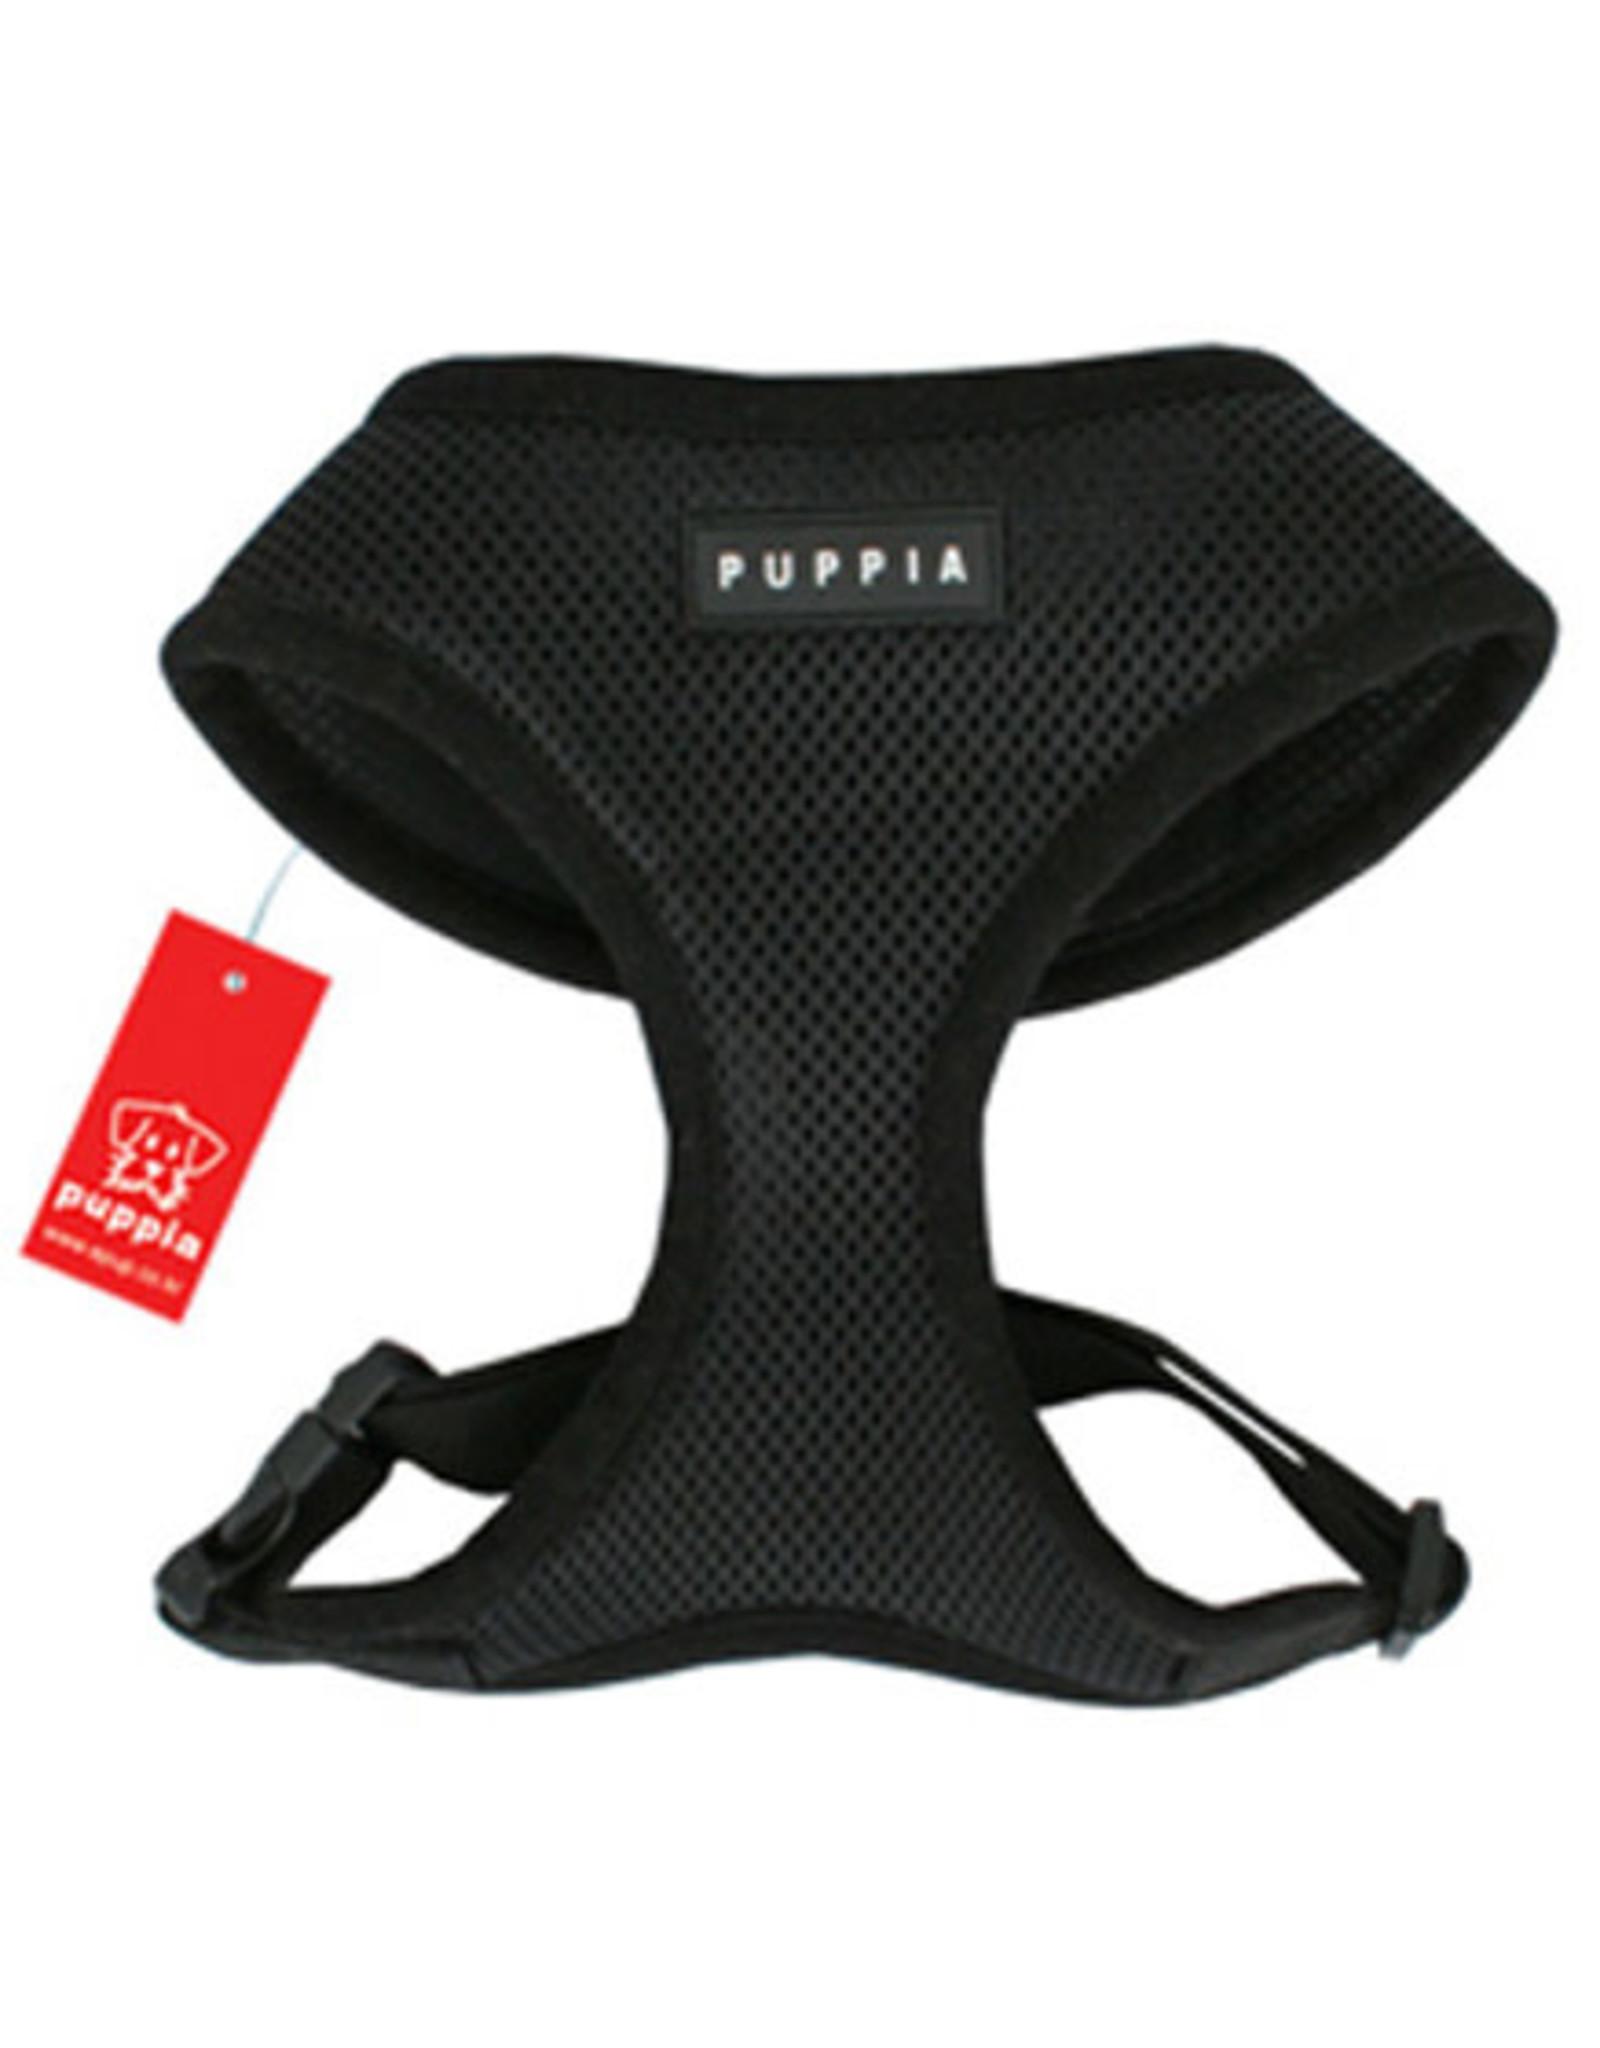 Puppia Puppia Soft Harness: Black, M